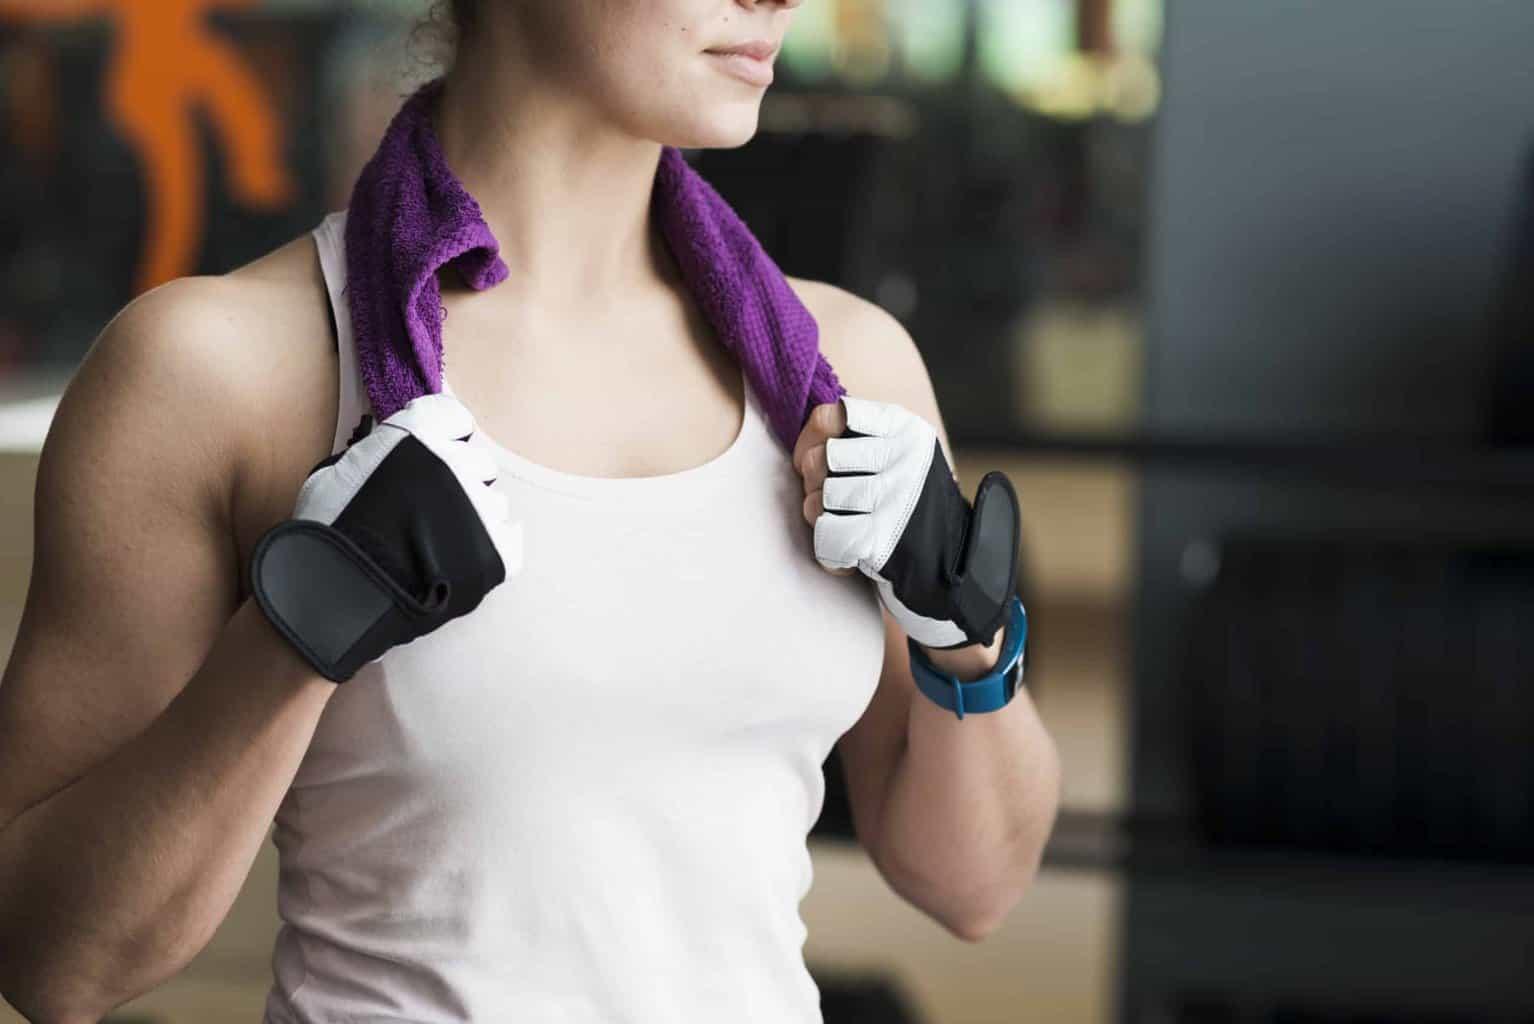 perdita di peso muscoli deboli